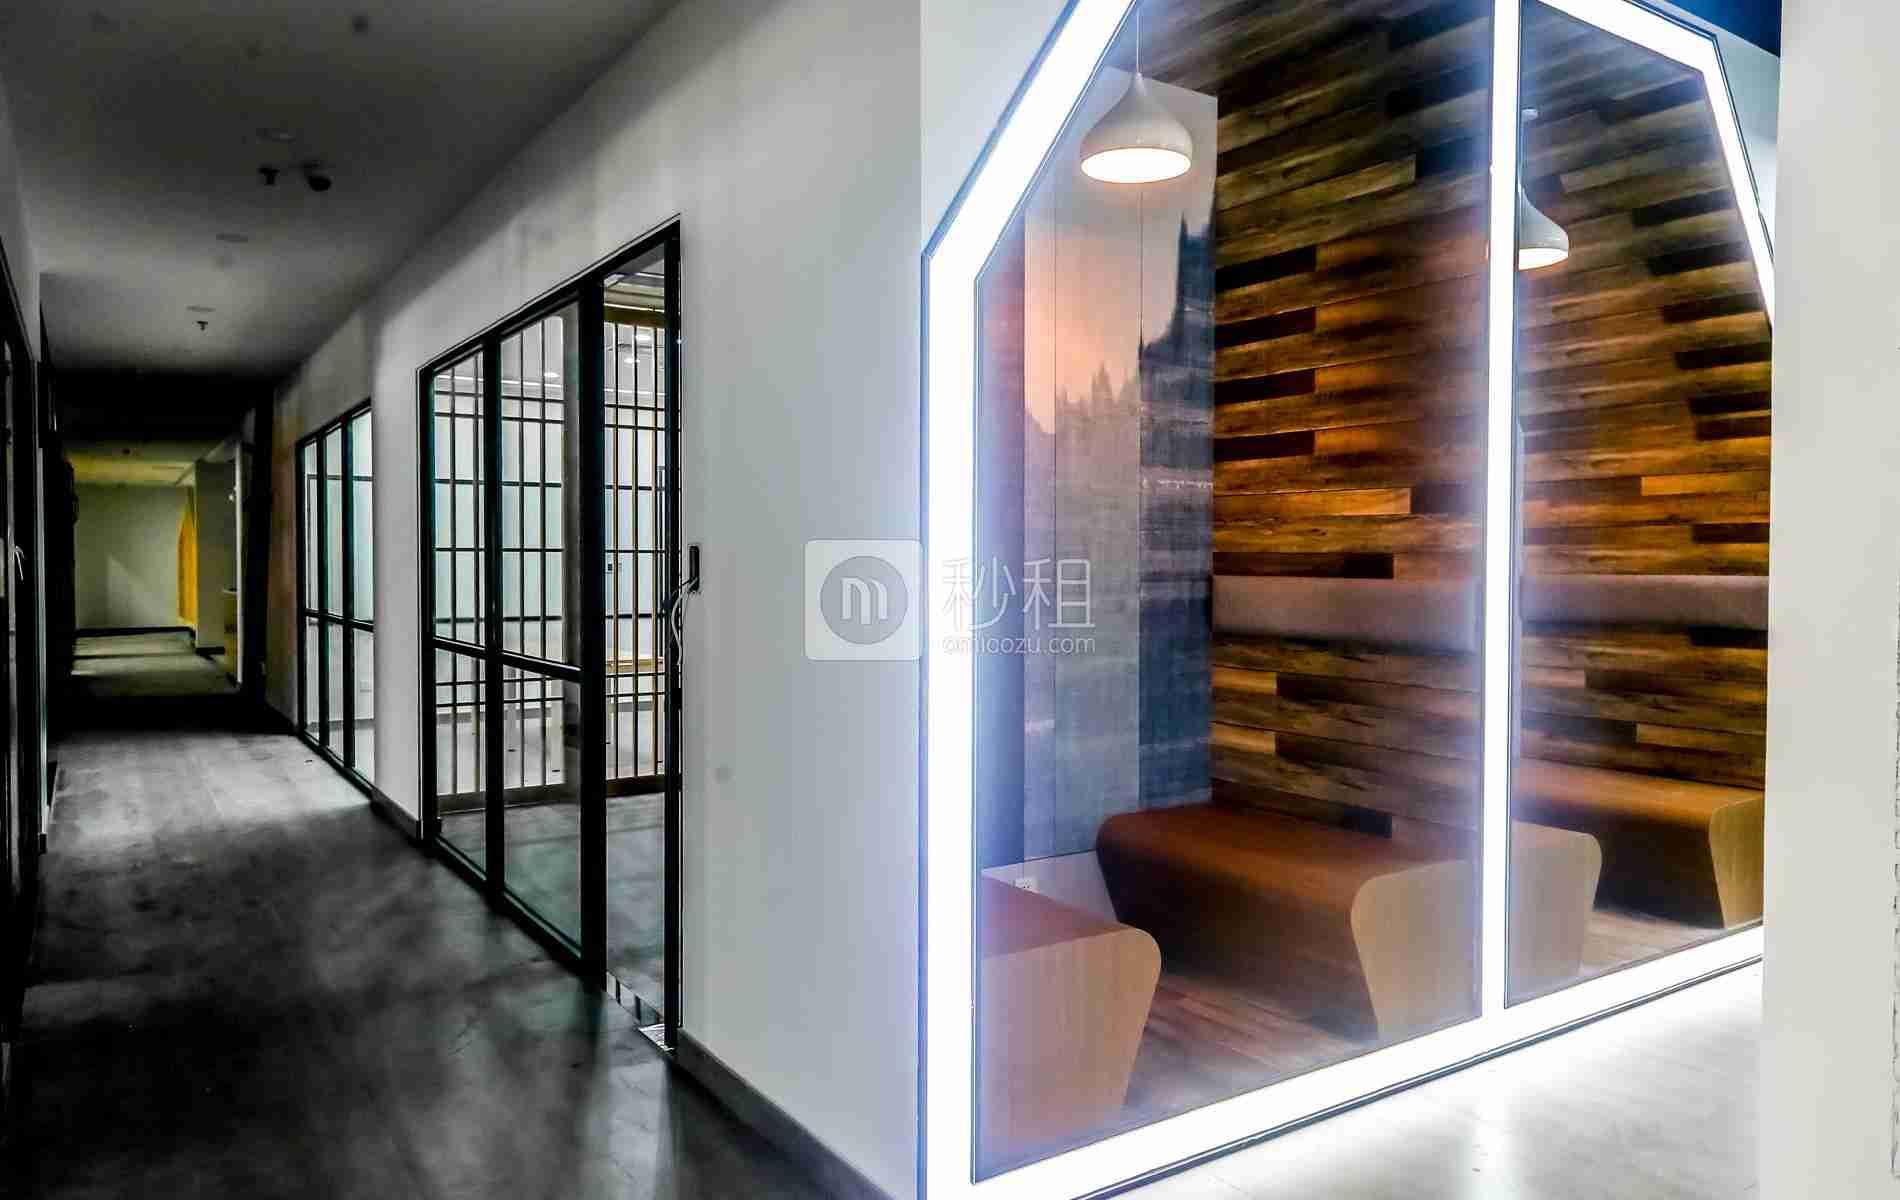 硅谷大院写字楼出租/招租/租赁,硅谷大院办公室出租/招租/租赁